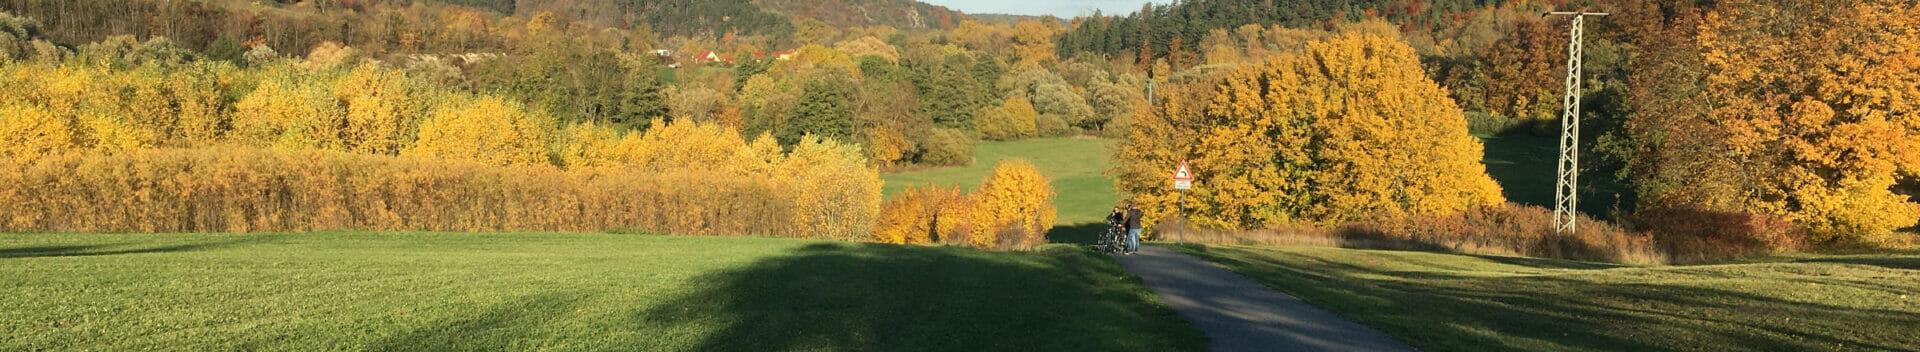 Bad Berka Ilmtalradweg - Thüringer Wald